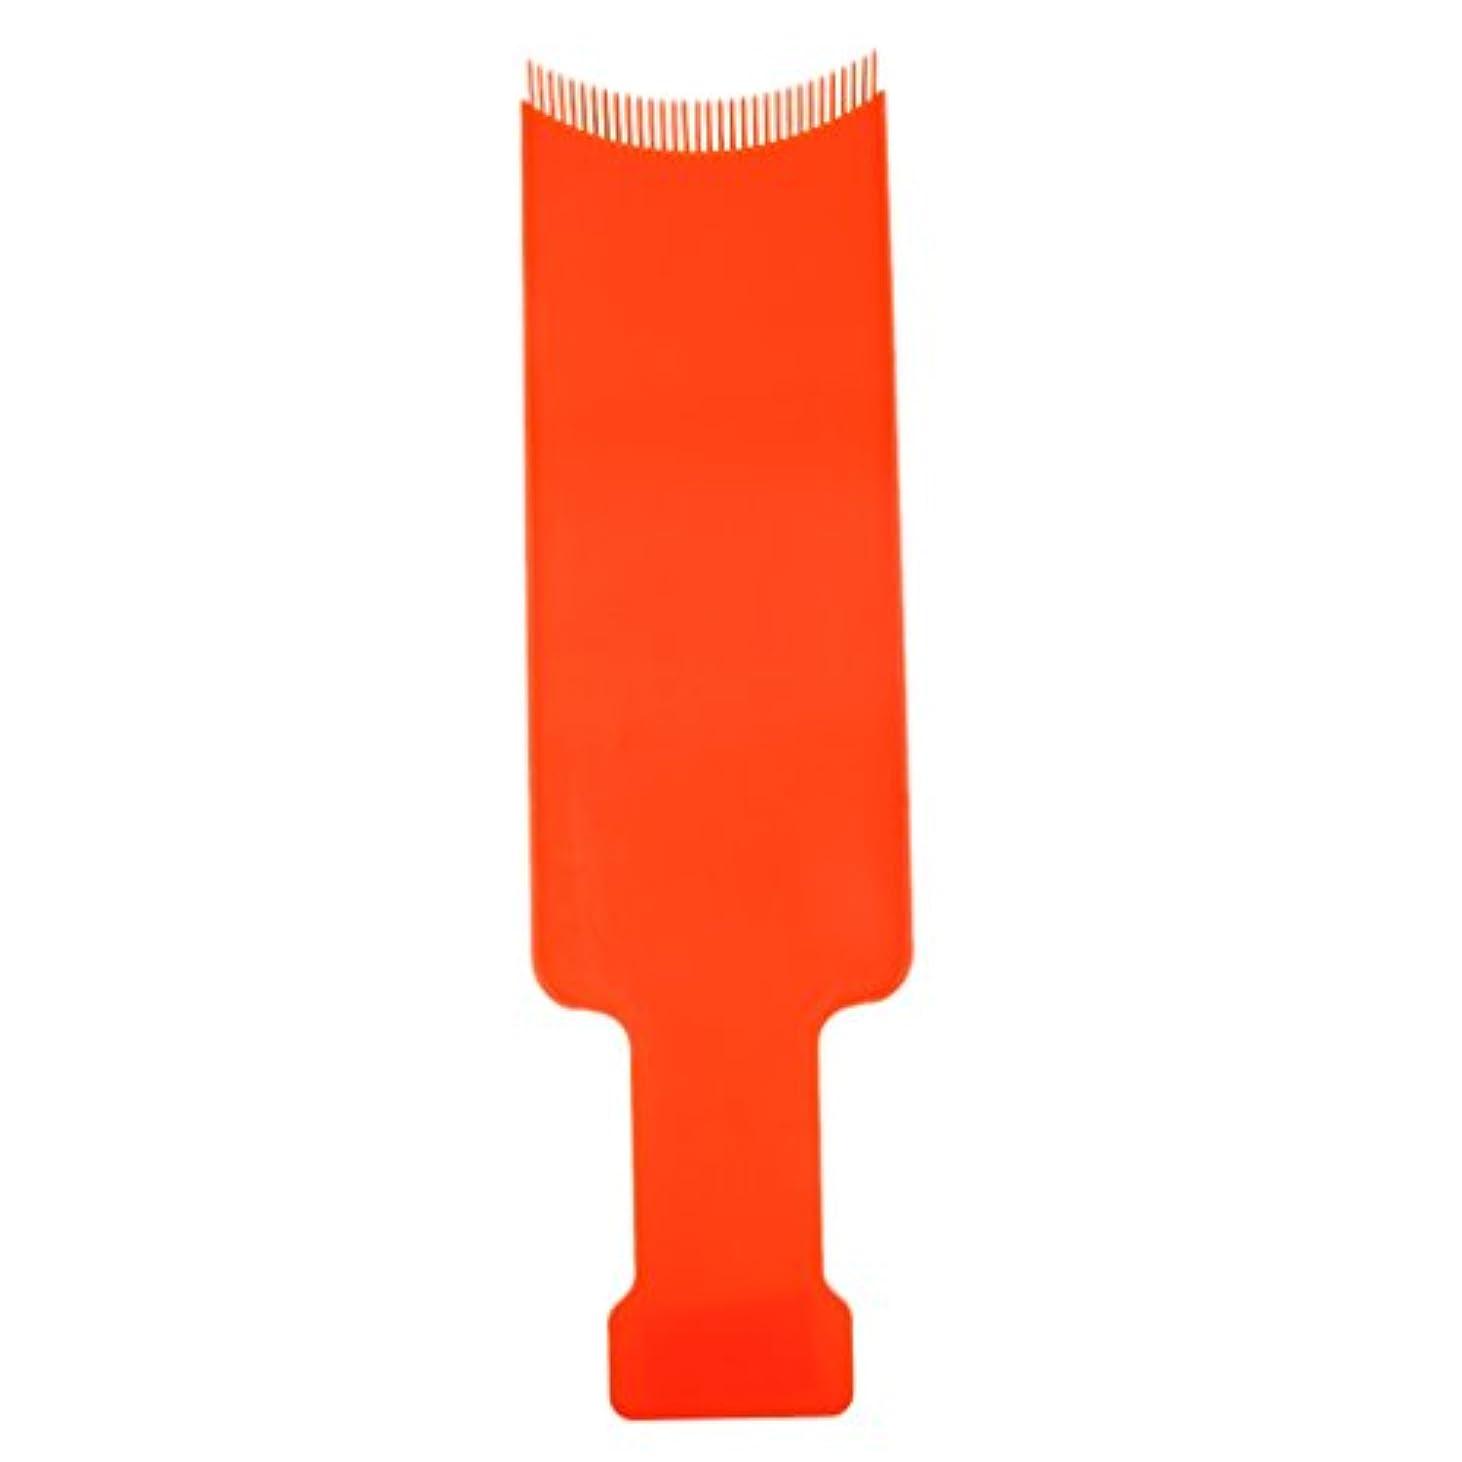 そして適応的かすれたKesoto 染色櫛プレート 染めボード 髪を染め 頭皮保護 着色ボード ヘアブラシ ヘアコーム ヘアカラー 櫛 2サイズ2色選べる - L, オレンジ